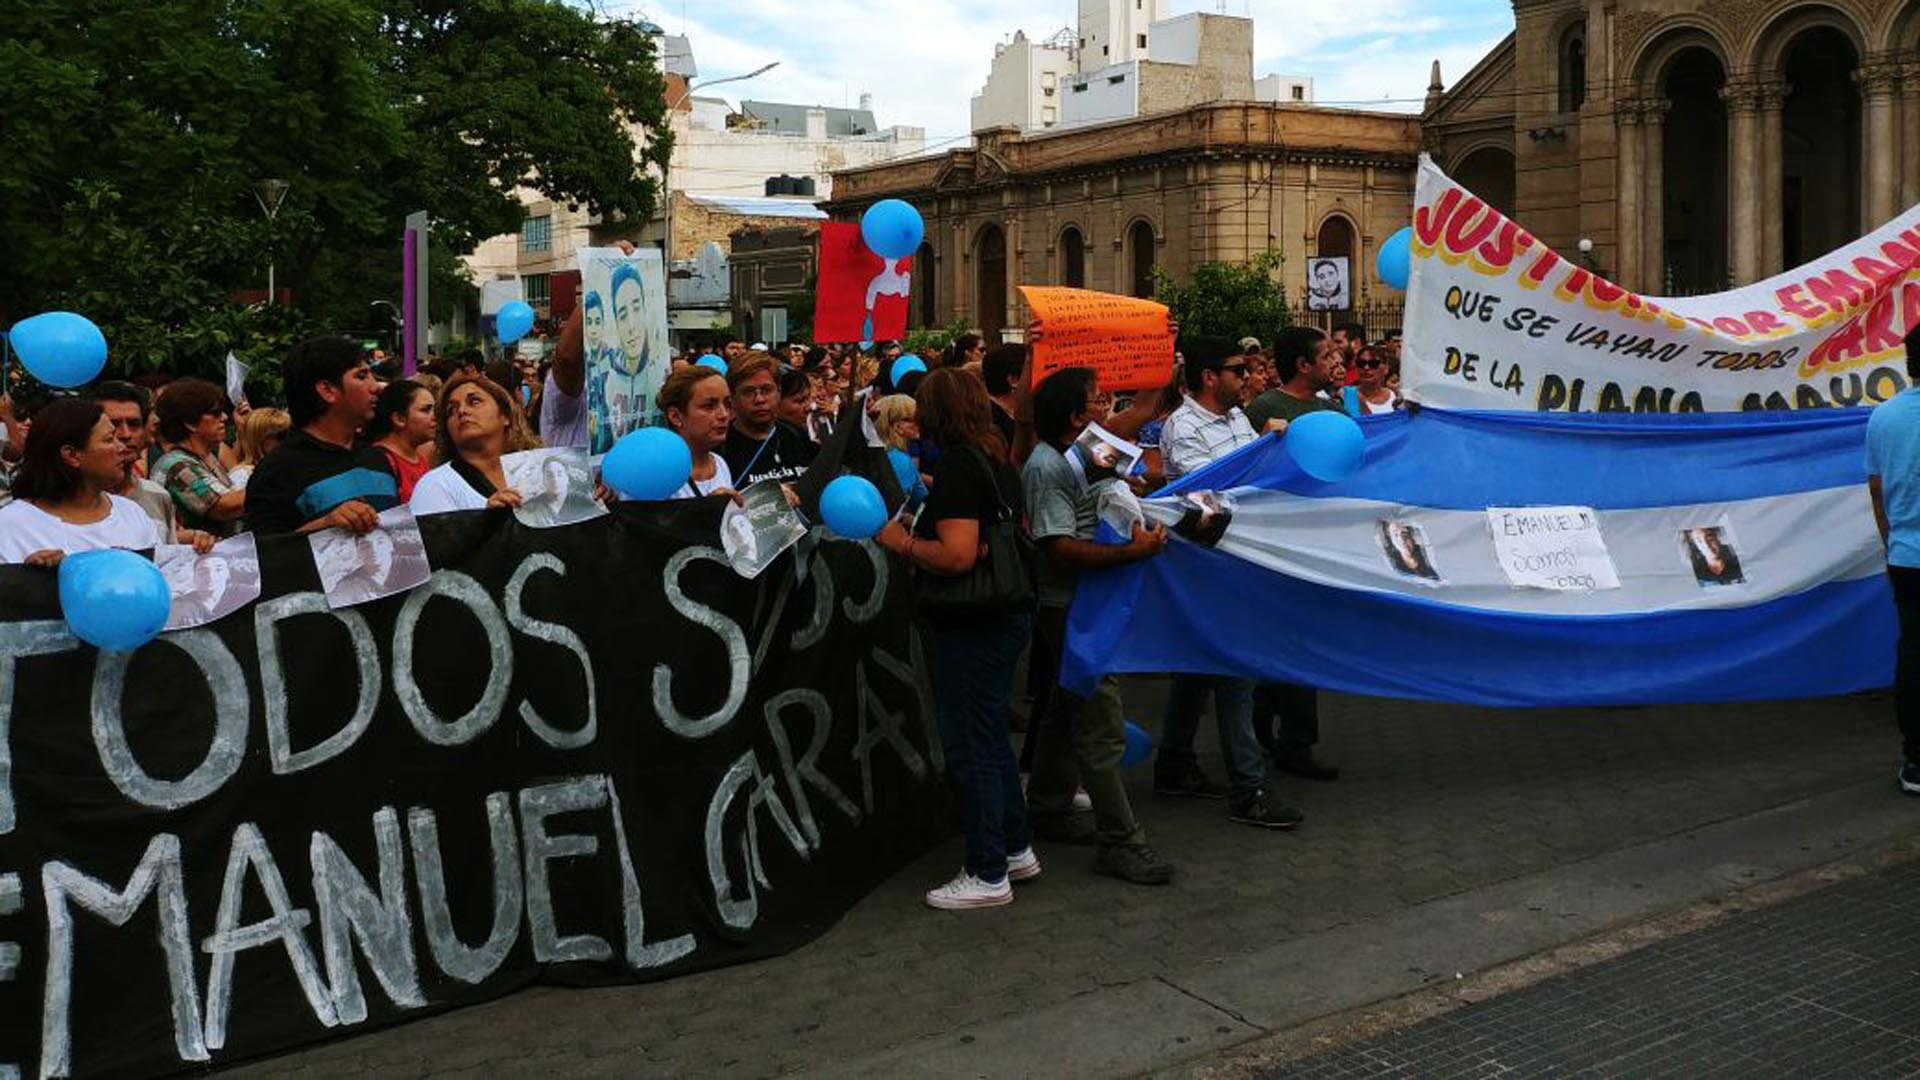 Cientos de personas marcharon para pedir justicia por la muerte del cadete (Fotos: El Independiente)